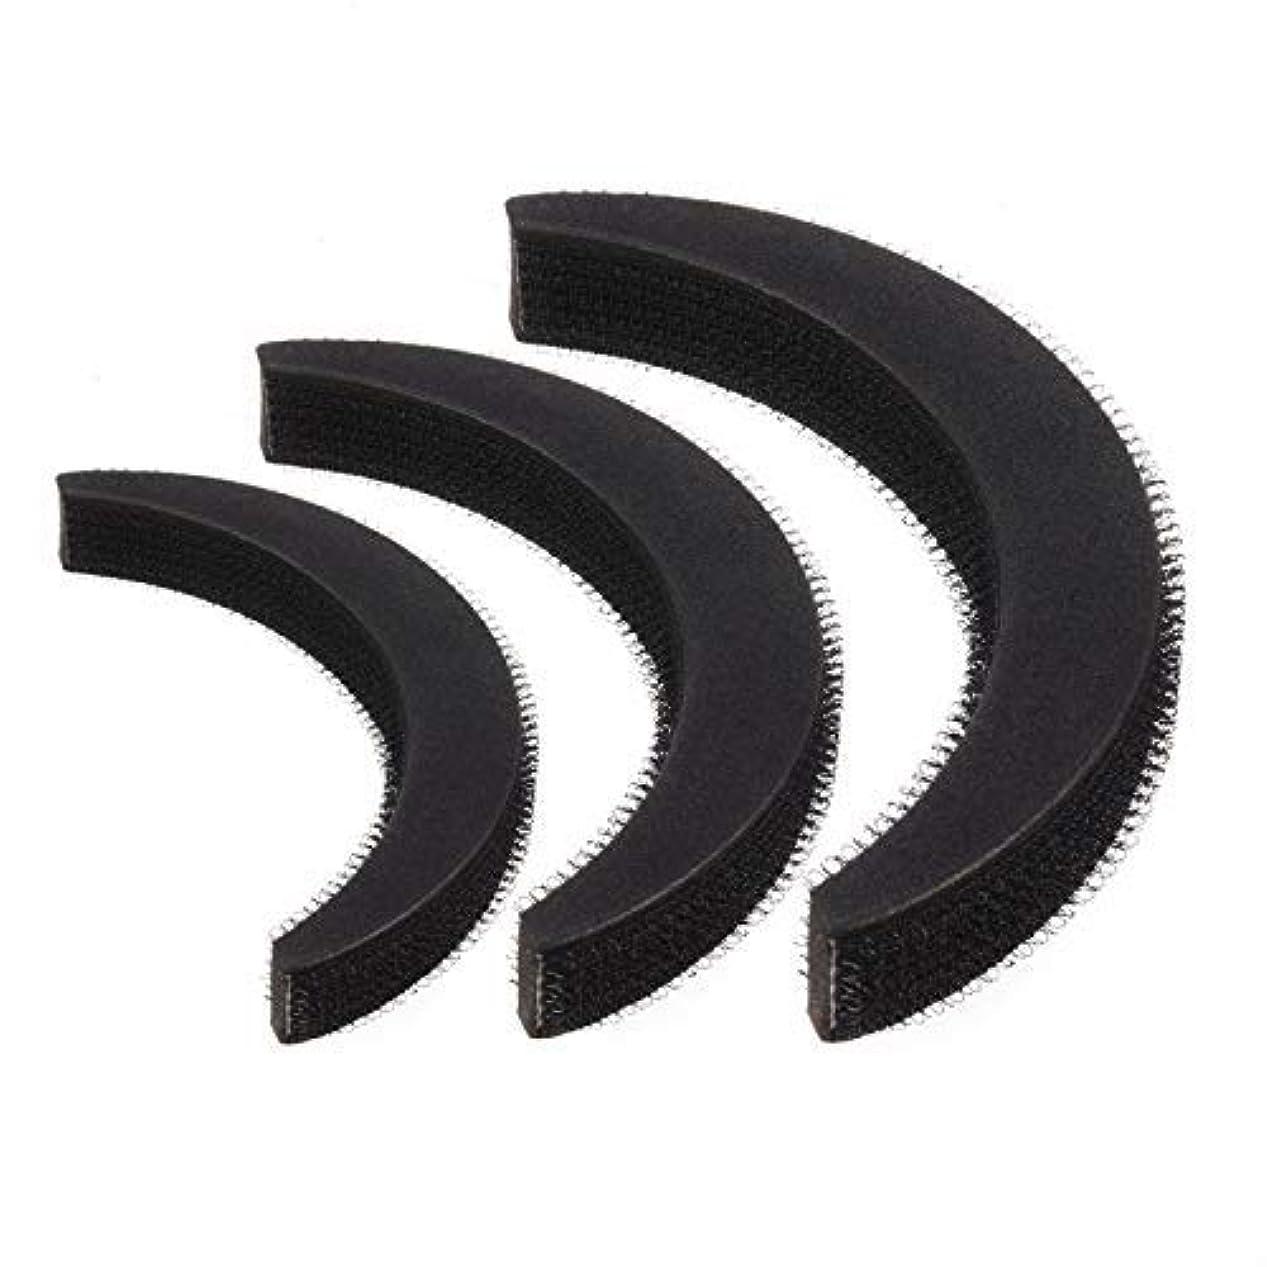 決済年齢急行するFeeko Hair Bump,3psc Hair Bumpit Roll Honeycomb Hair Bump Hair Pad Haight Hairdressing Set Tool Black [並行輸入品]